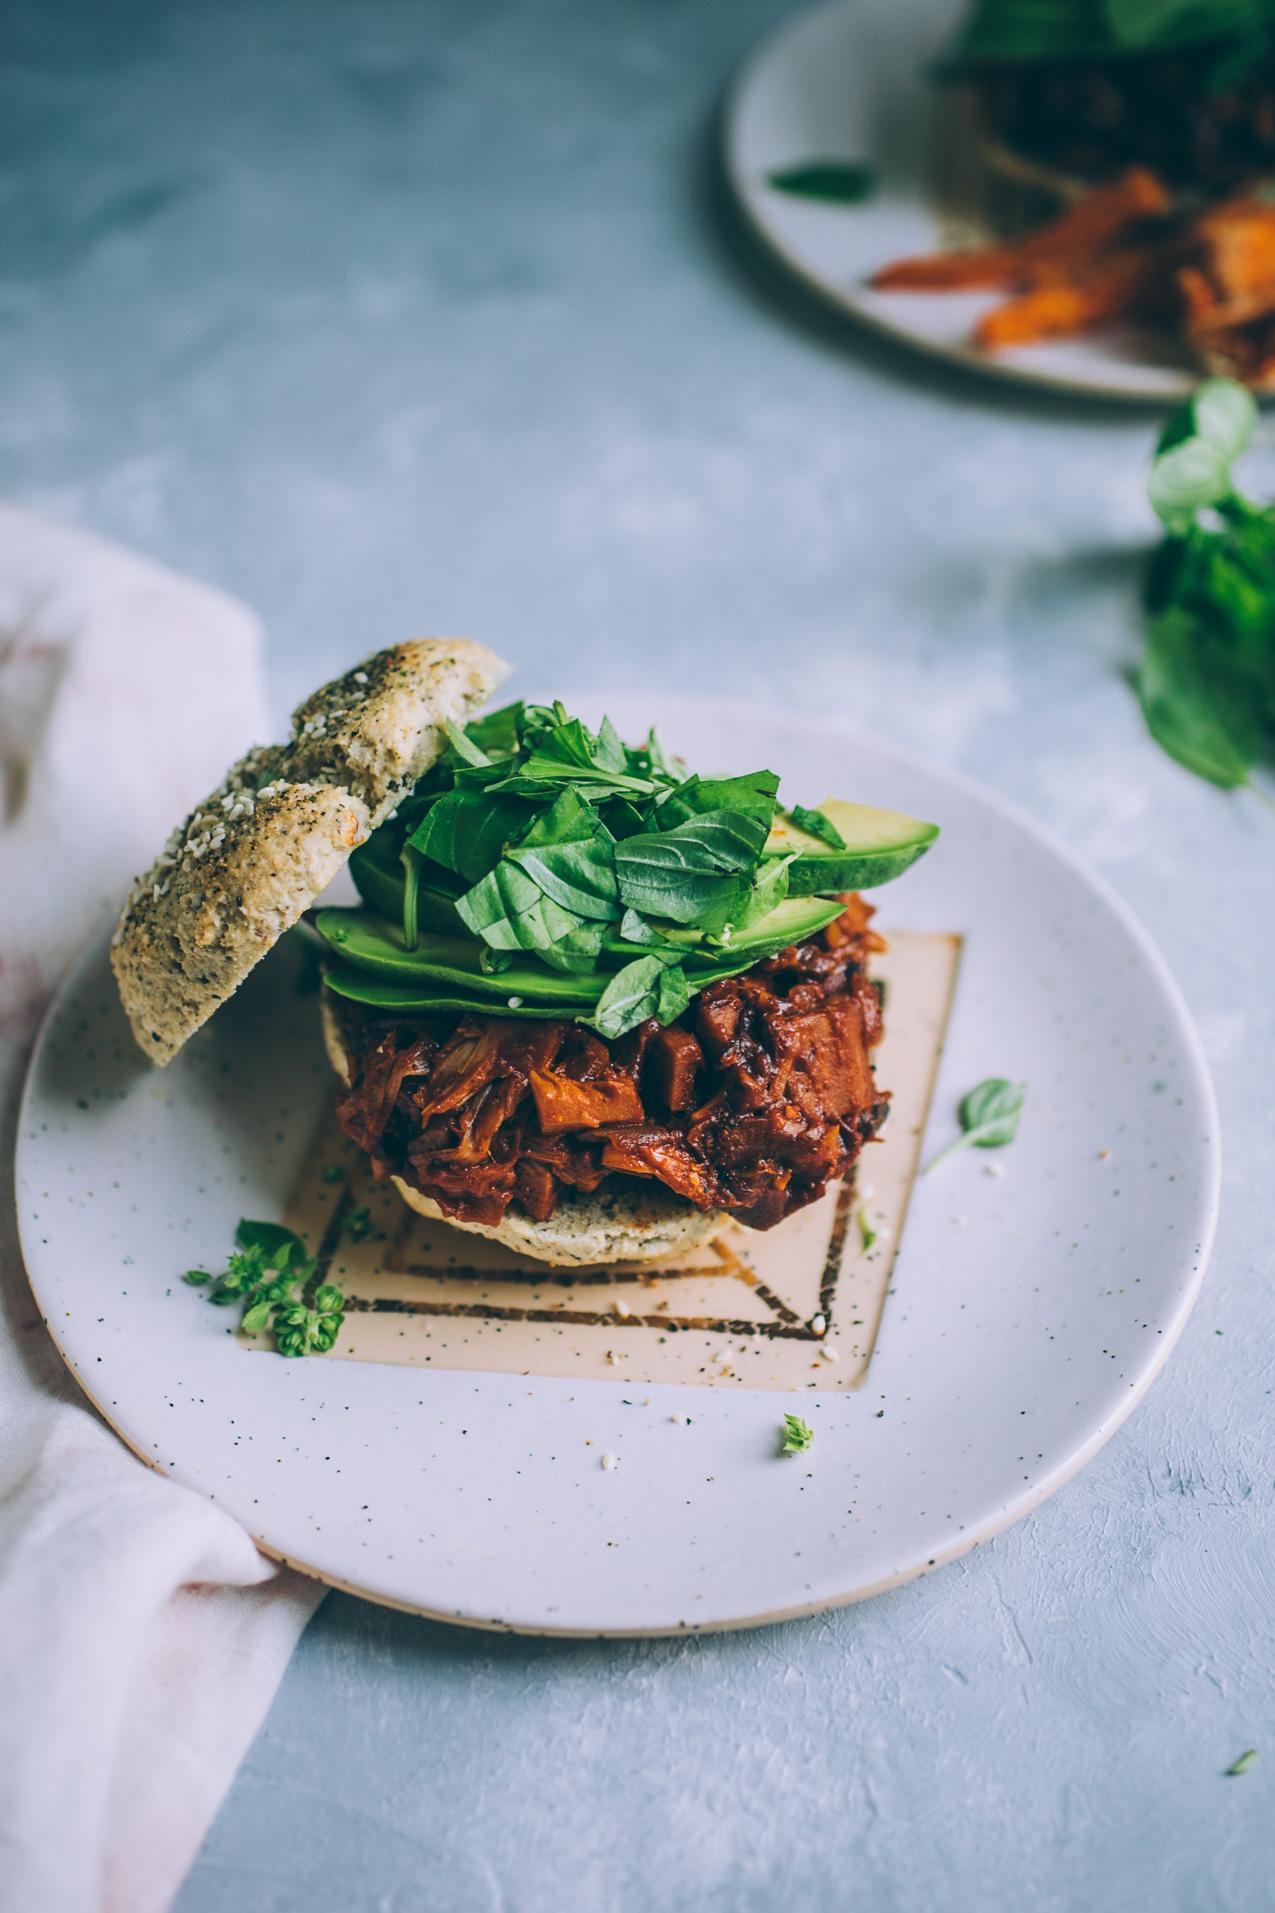 jackfruit mushroom barbecue recipe | vegan barbecue recipe